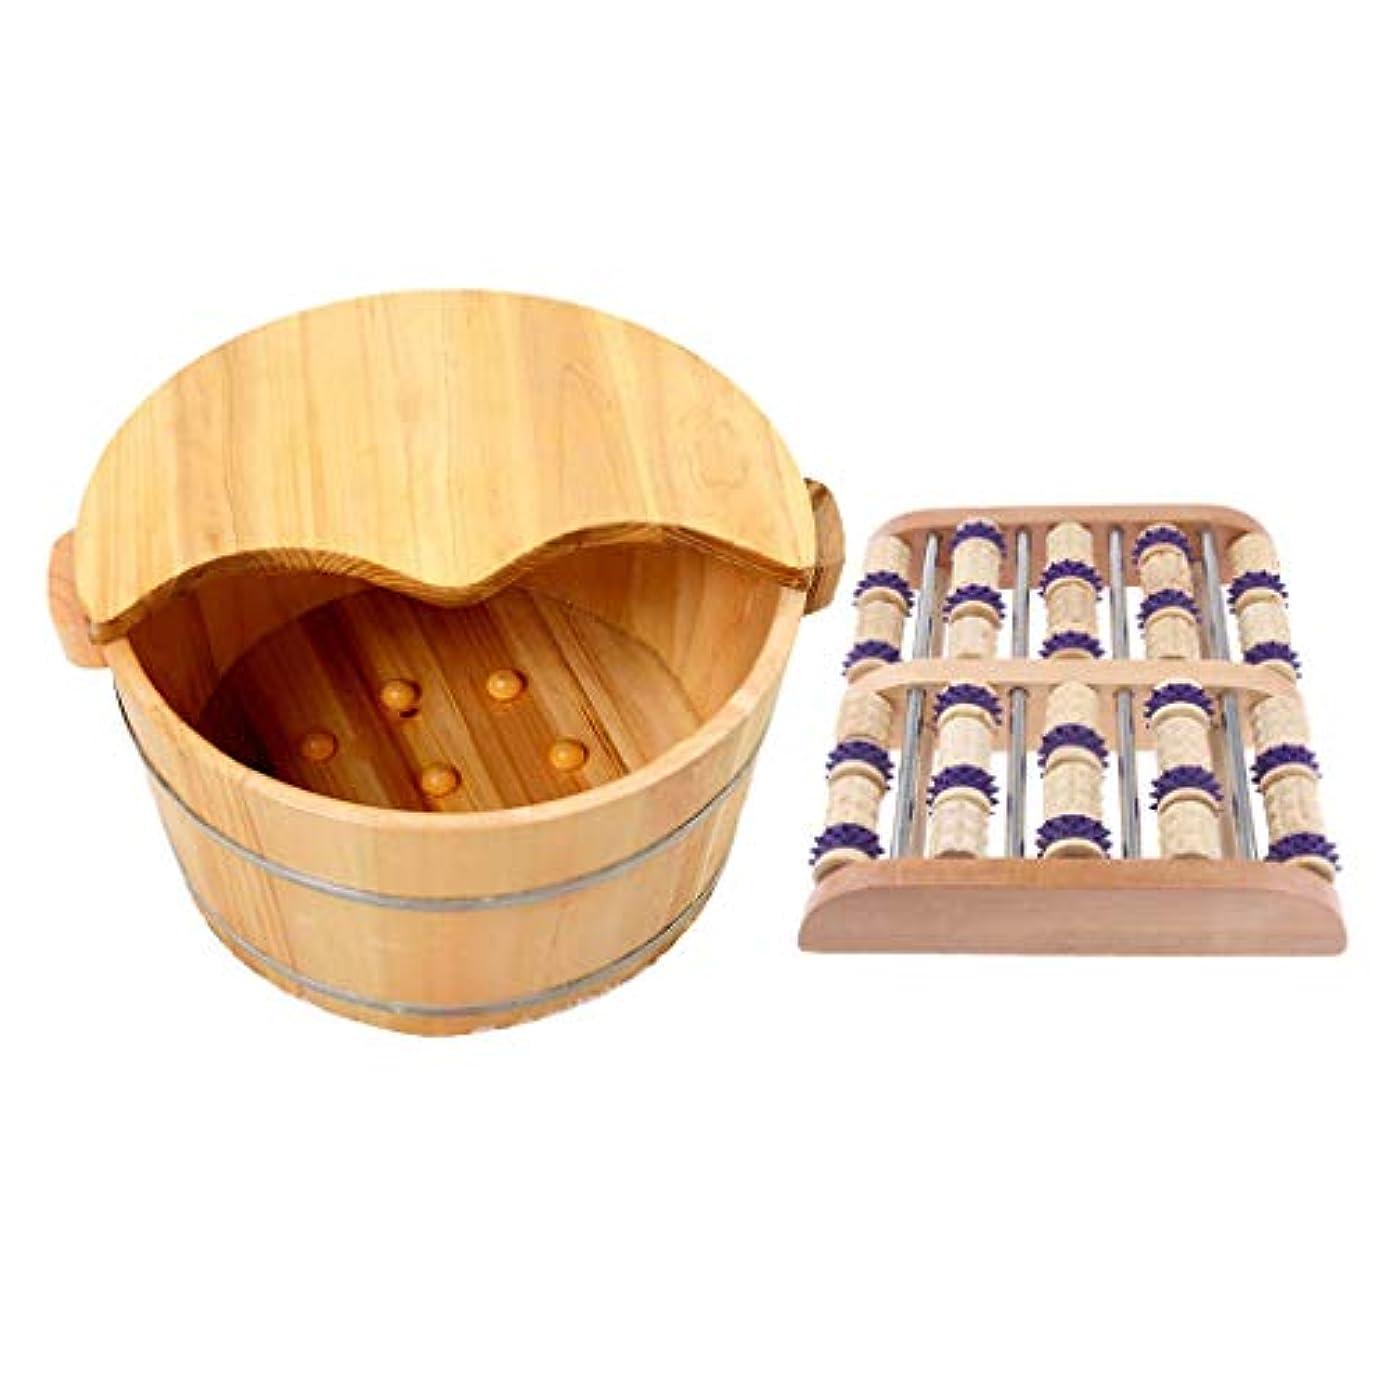 困ったレベル胃gazechimp 足つぼ マット マッサージフット 手作りウッド タイトステッチ 足裏 ツボ押健康木製の足の洗面台付き